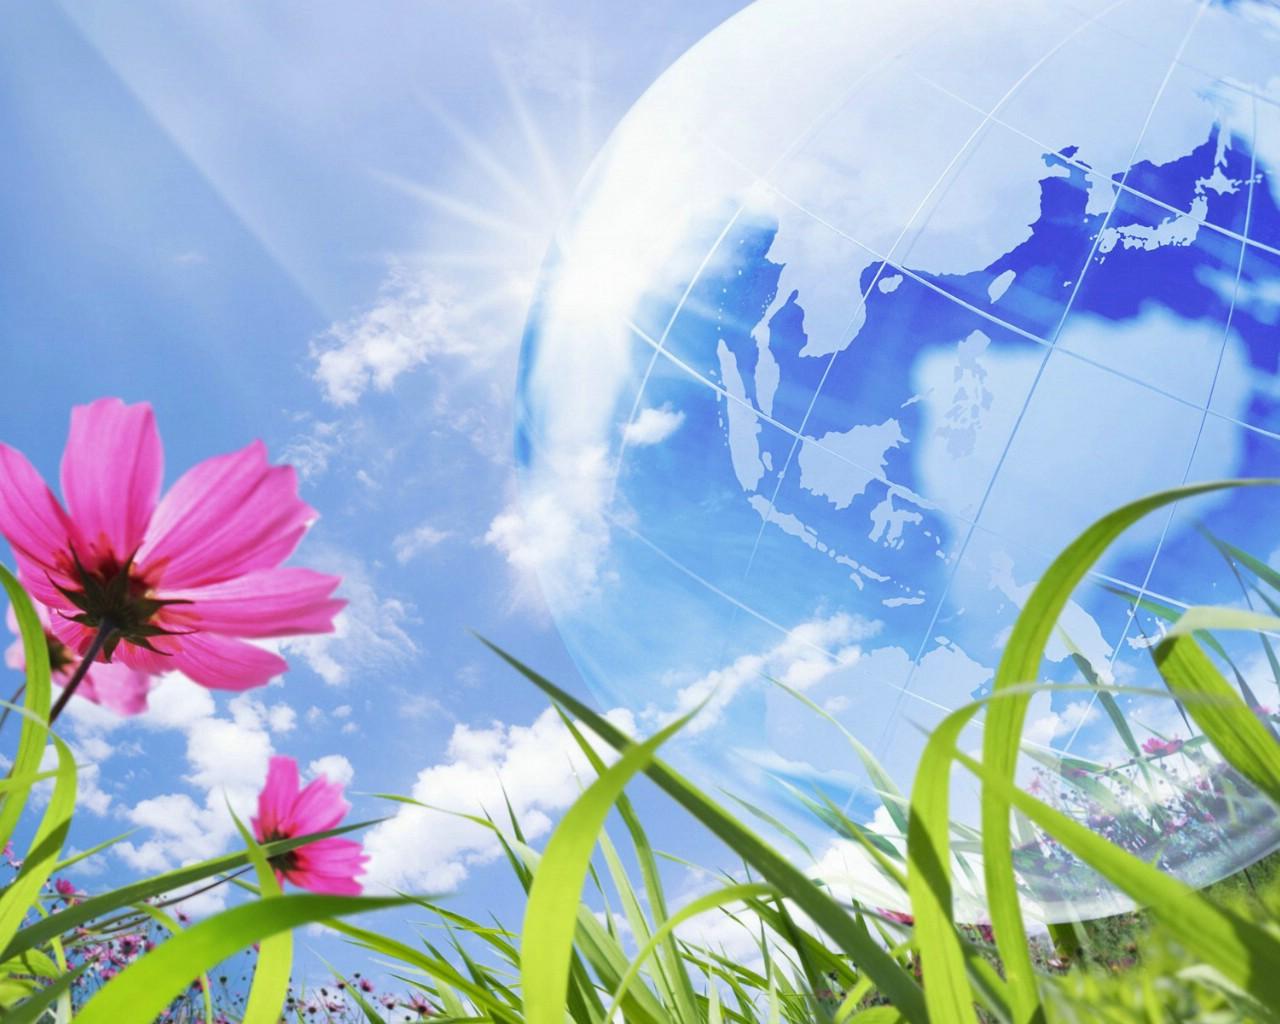 壁纸1280×1024第一集阳光鲜花蓝天白云清新大自然壁纸壁纸,梦幻大自然-